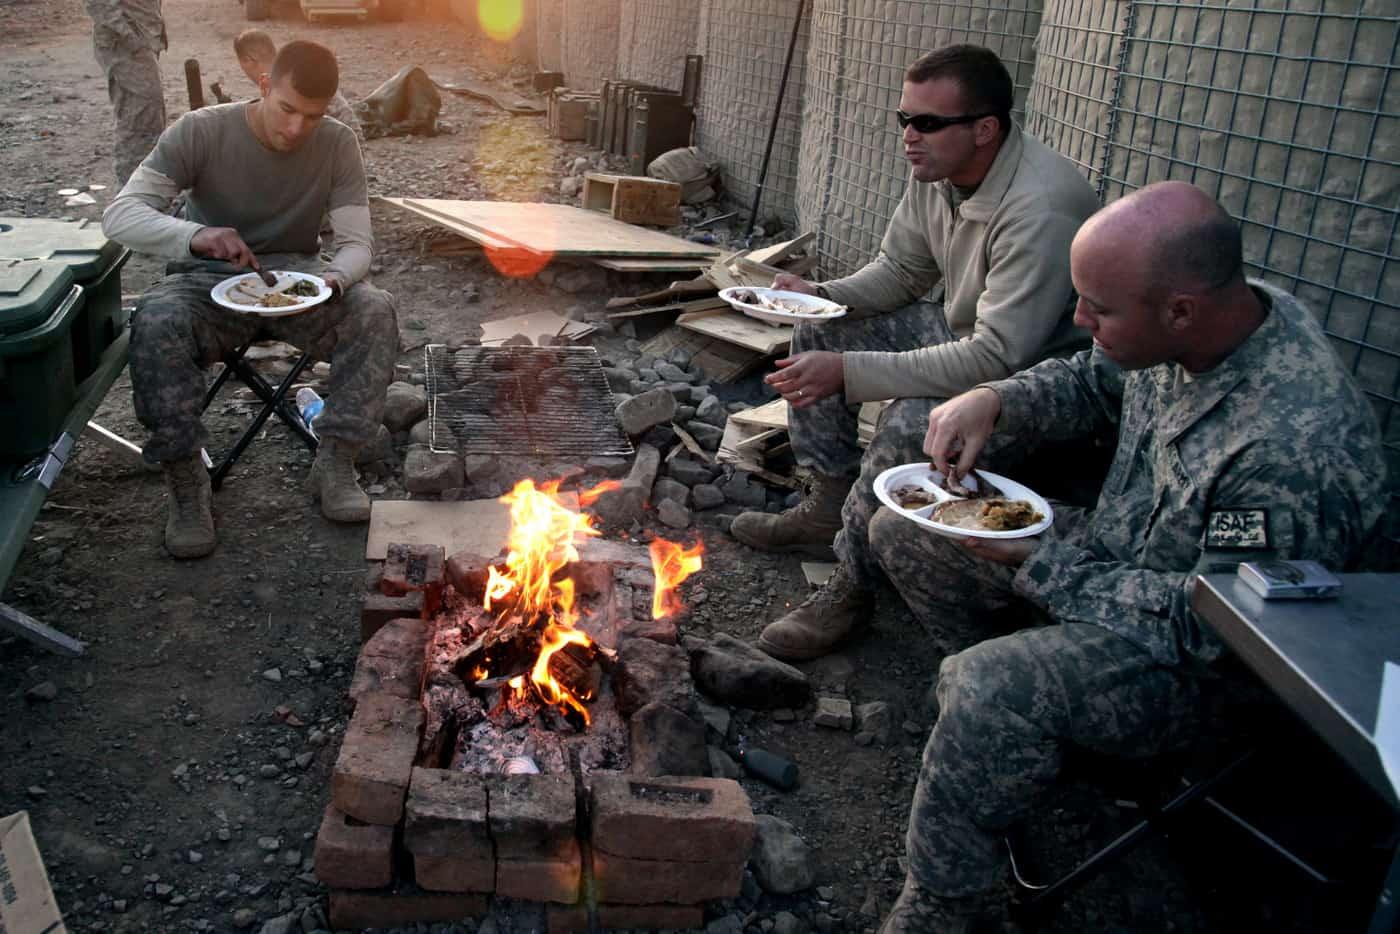 troops eating thanksgiving in Afghanistan